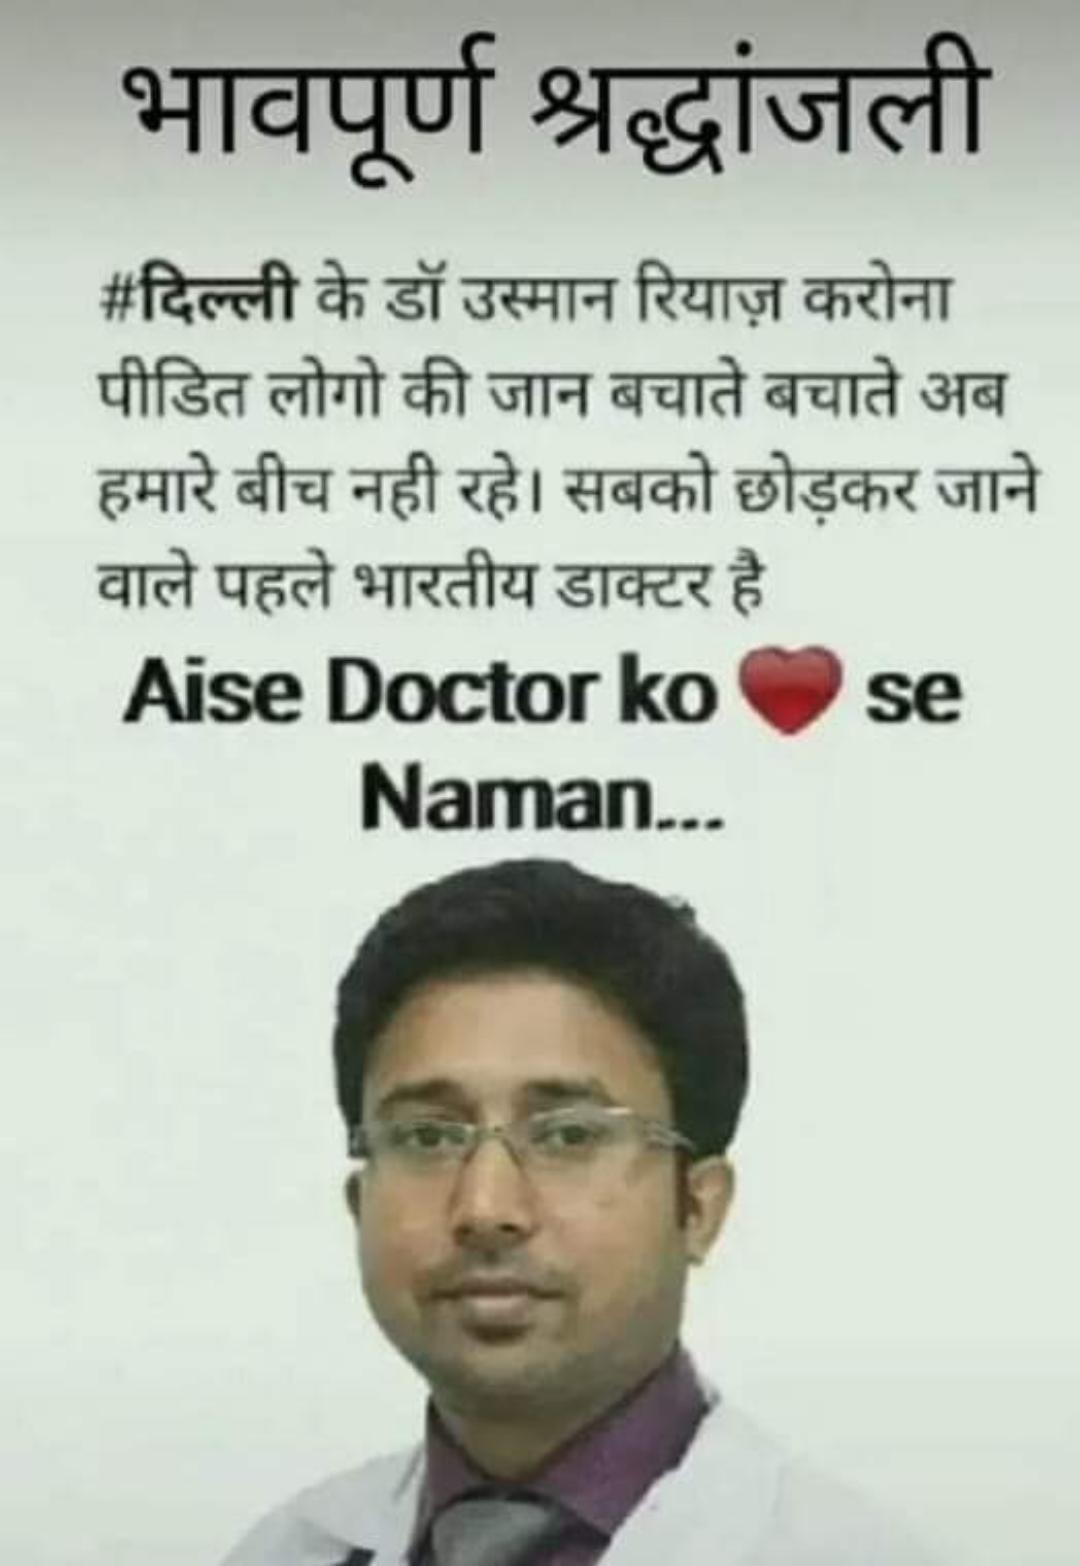 🙏थँक यु डॉक्टर/नर्स - भावपूर्ण श्रद्धांजली # दिल्ली के डॉ उस्मान रियाज़ करोना पीडित लोगो की जान बचाते बचाते अब हमारे बीच नही रहे । सबको छोड़कर जाने वाले पहले भारतीय डाक्टर है Aise Doctor ko se Naman . . . - ShareChat